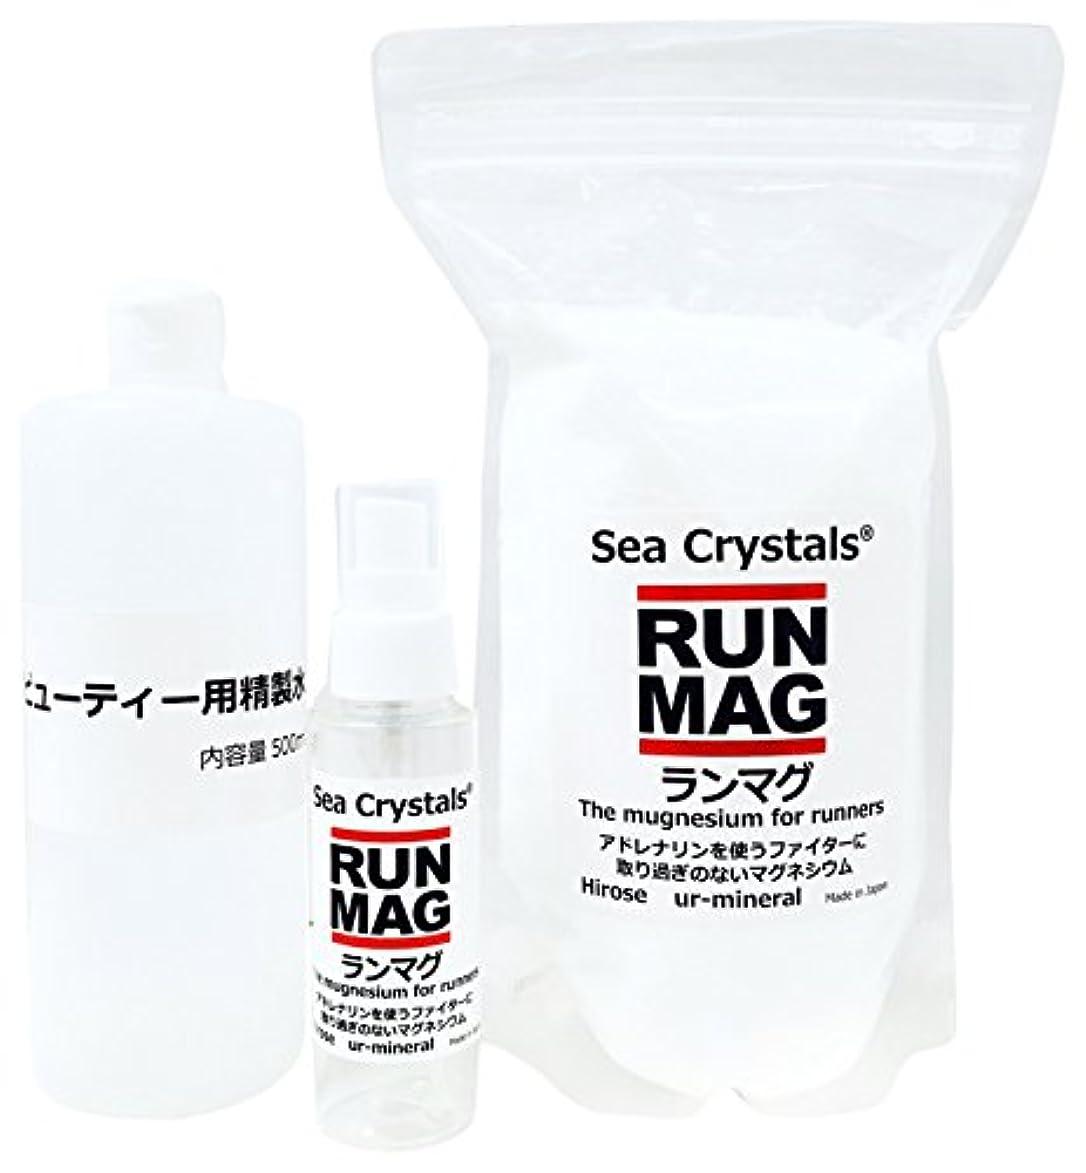 現在自慢ハイブリッドランマグ?マグネシウムオイル 500g 化粧品登録 日本製 1日マグネシウム360mg使用  精製水付き